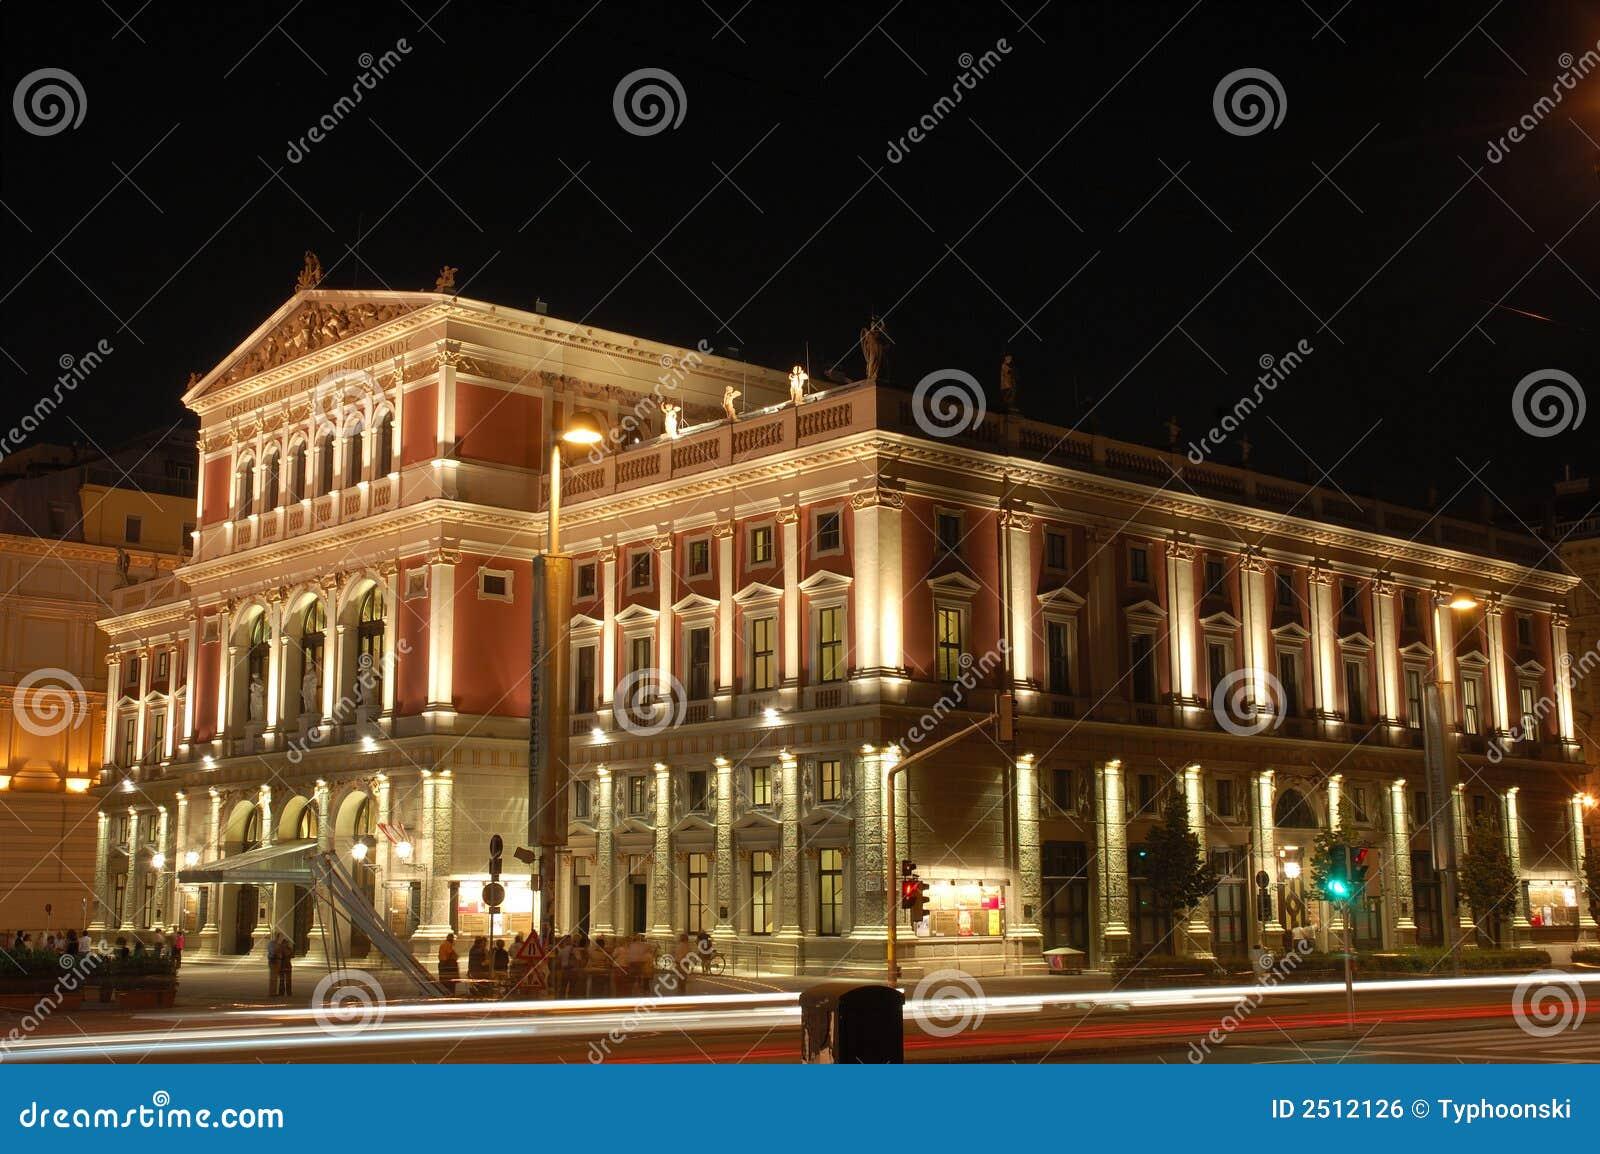 salle de concert de vienne la nuit image libre de droits image 2512126